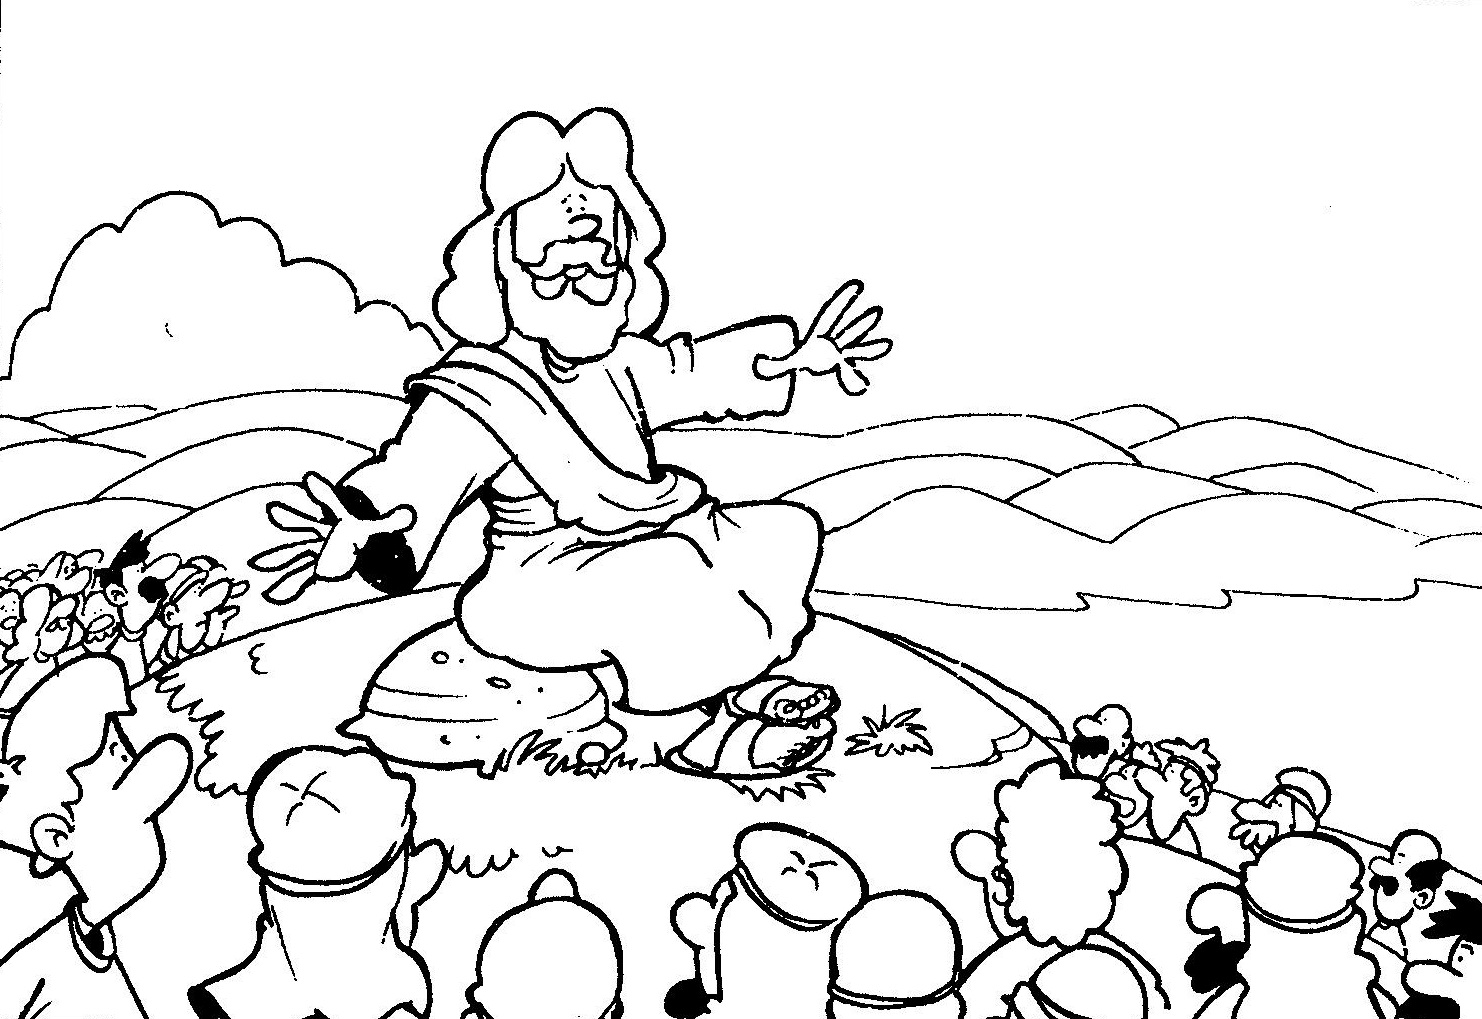 Dibujos De La Biblia Para Colorear E Imprimir: Desenhos Para Colorir E Imprimir: Desenhos Para Colorir De